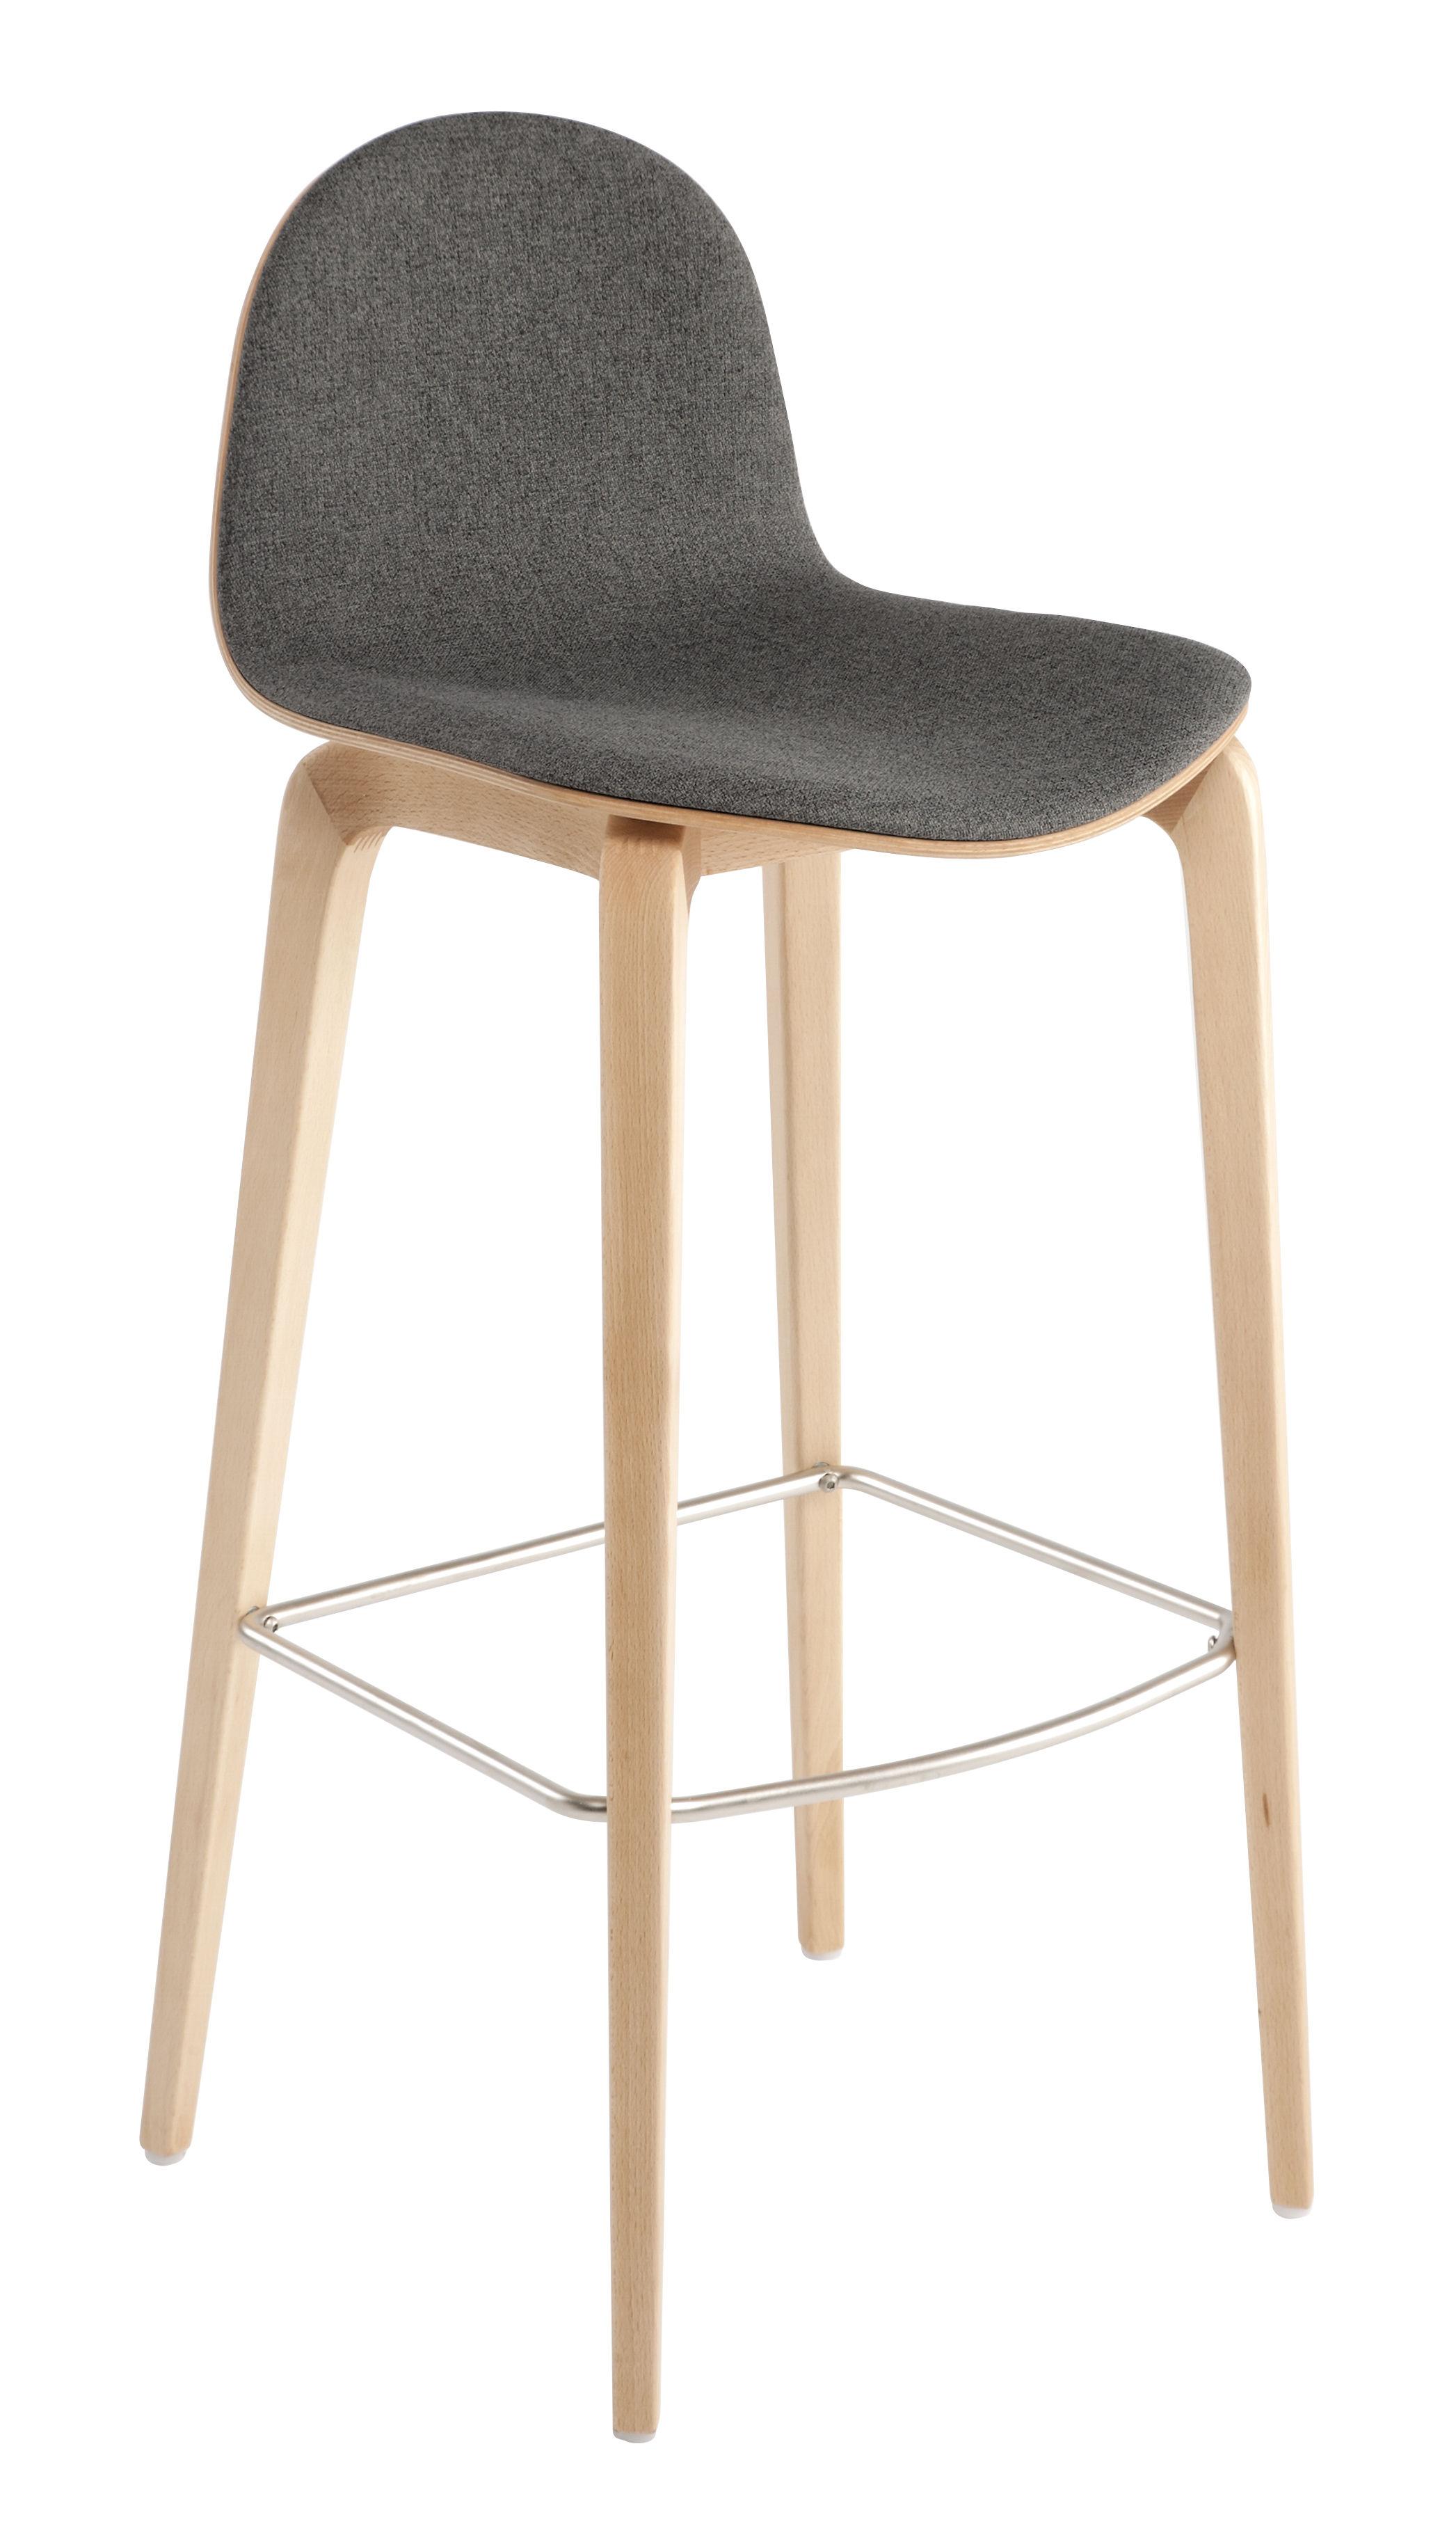 tabouret de bar bob h 74 cm tissu face interne tissu. Black Bedroom Furniture Sets. Home Design Ideas